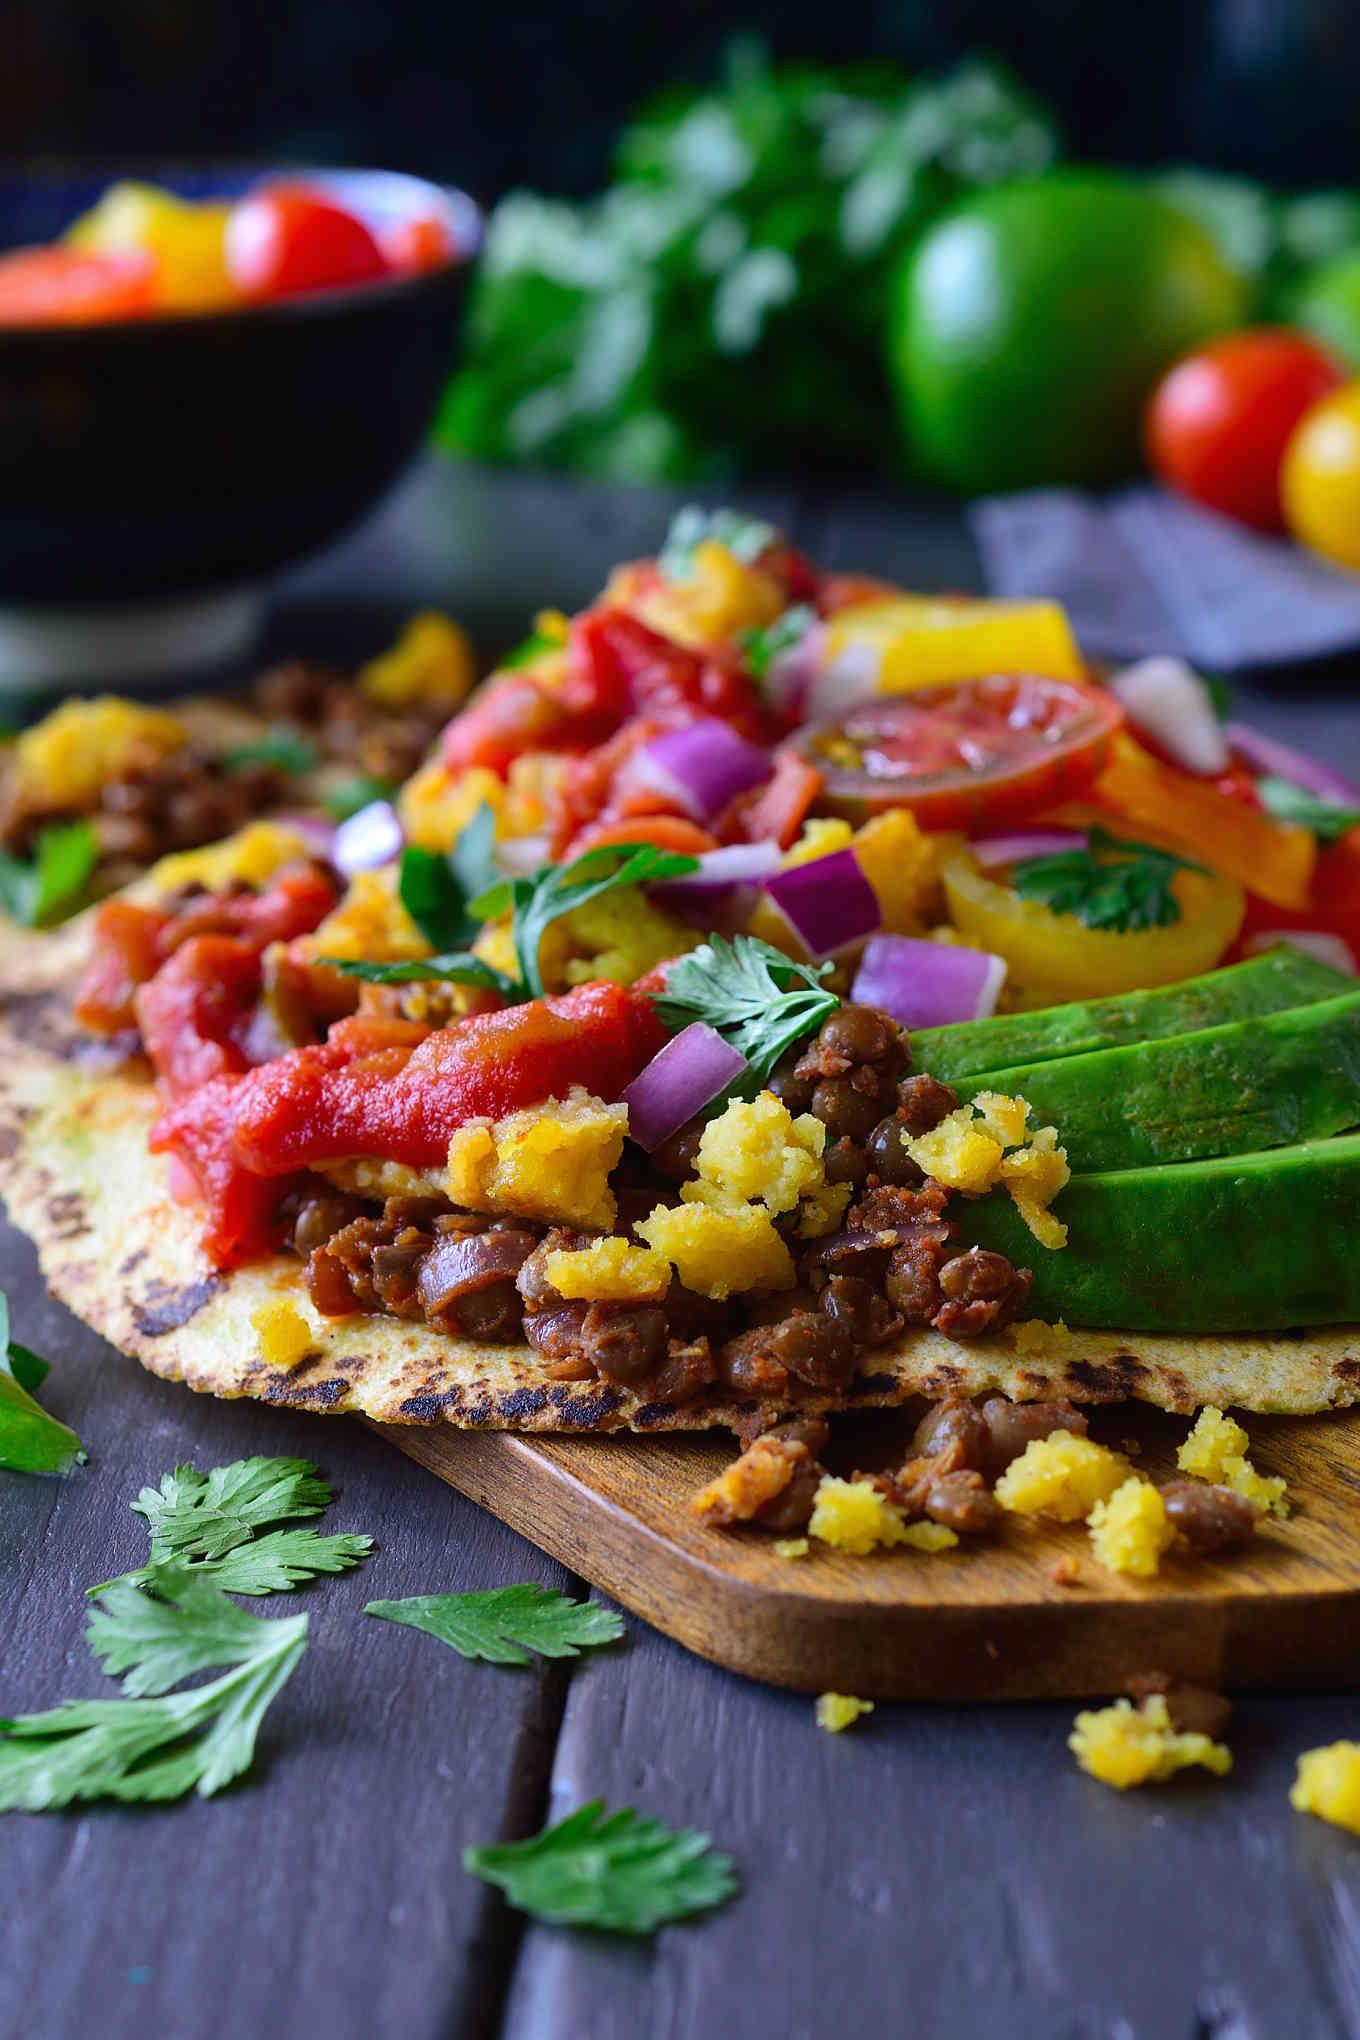 High Protein Vegan Breakfast  11 High Protein Breakfast Ideas GreenBlender